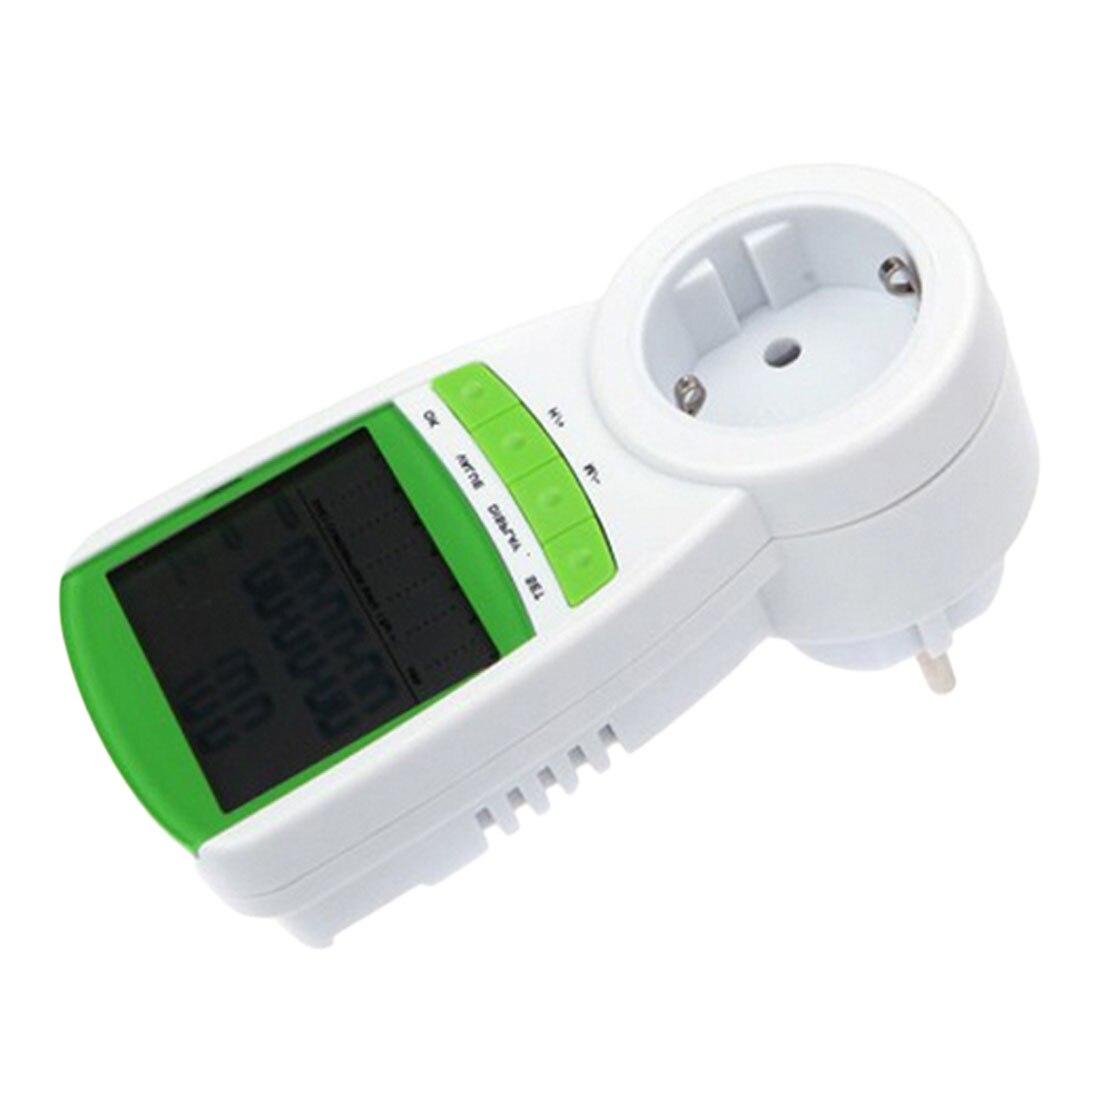 Wattmetro digitale Voltmetro Portatile Misuratore di Potenza 230 v A CRISTALLI LIQUIDI Digital Potenza Tensione Corrente Frequenza Monitor Analyzer Spina di UE